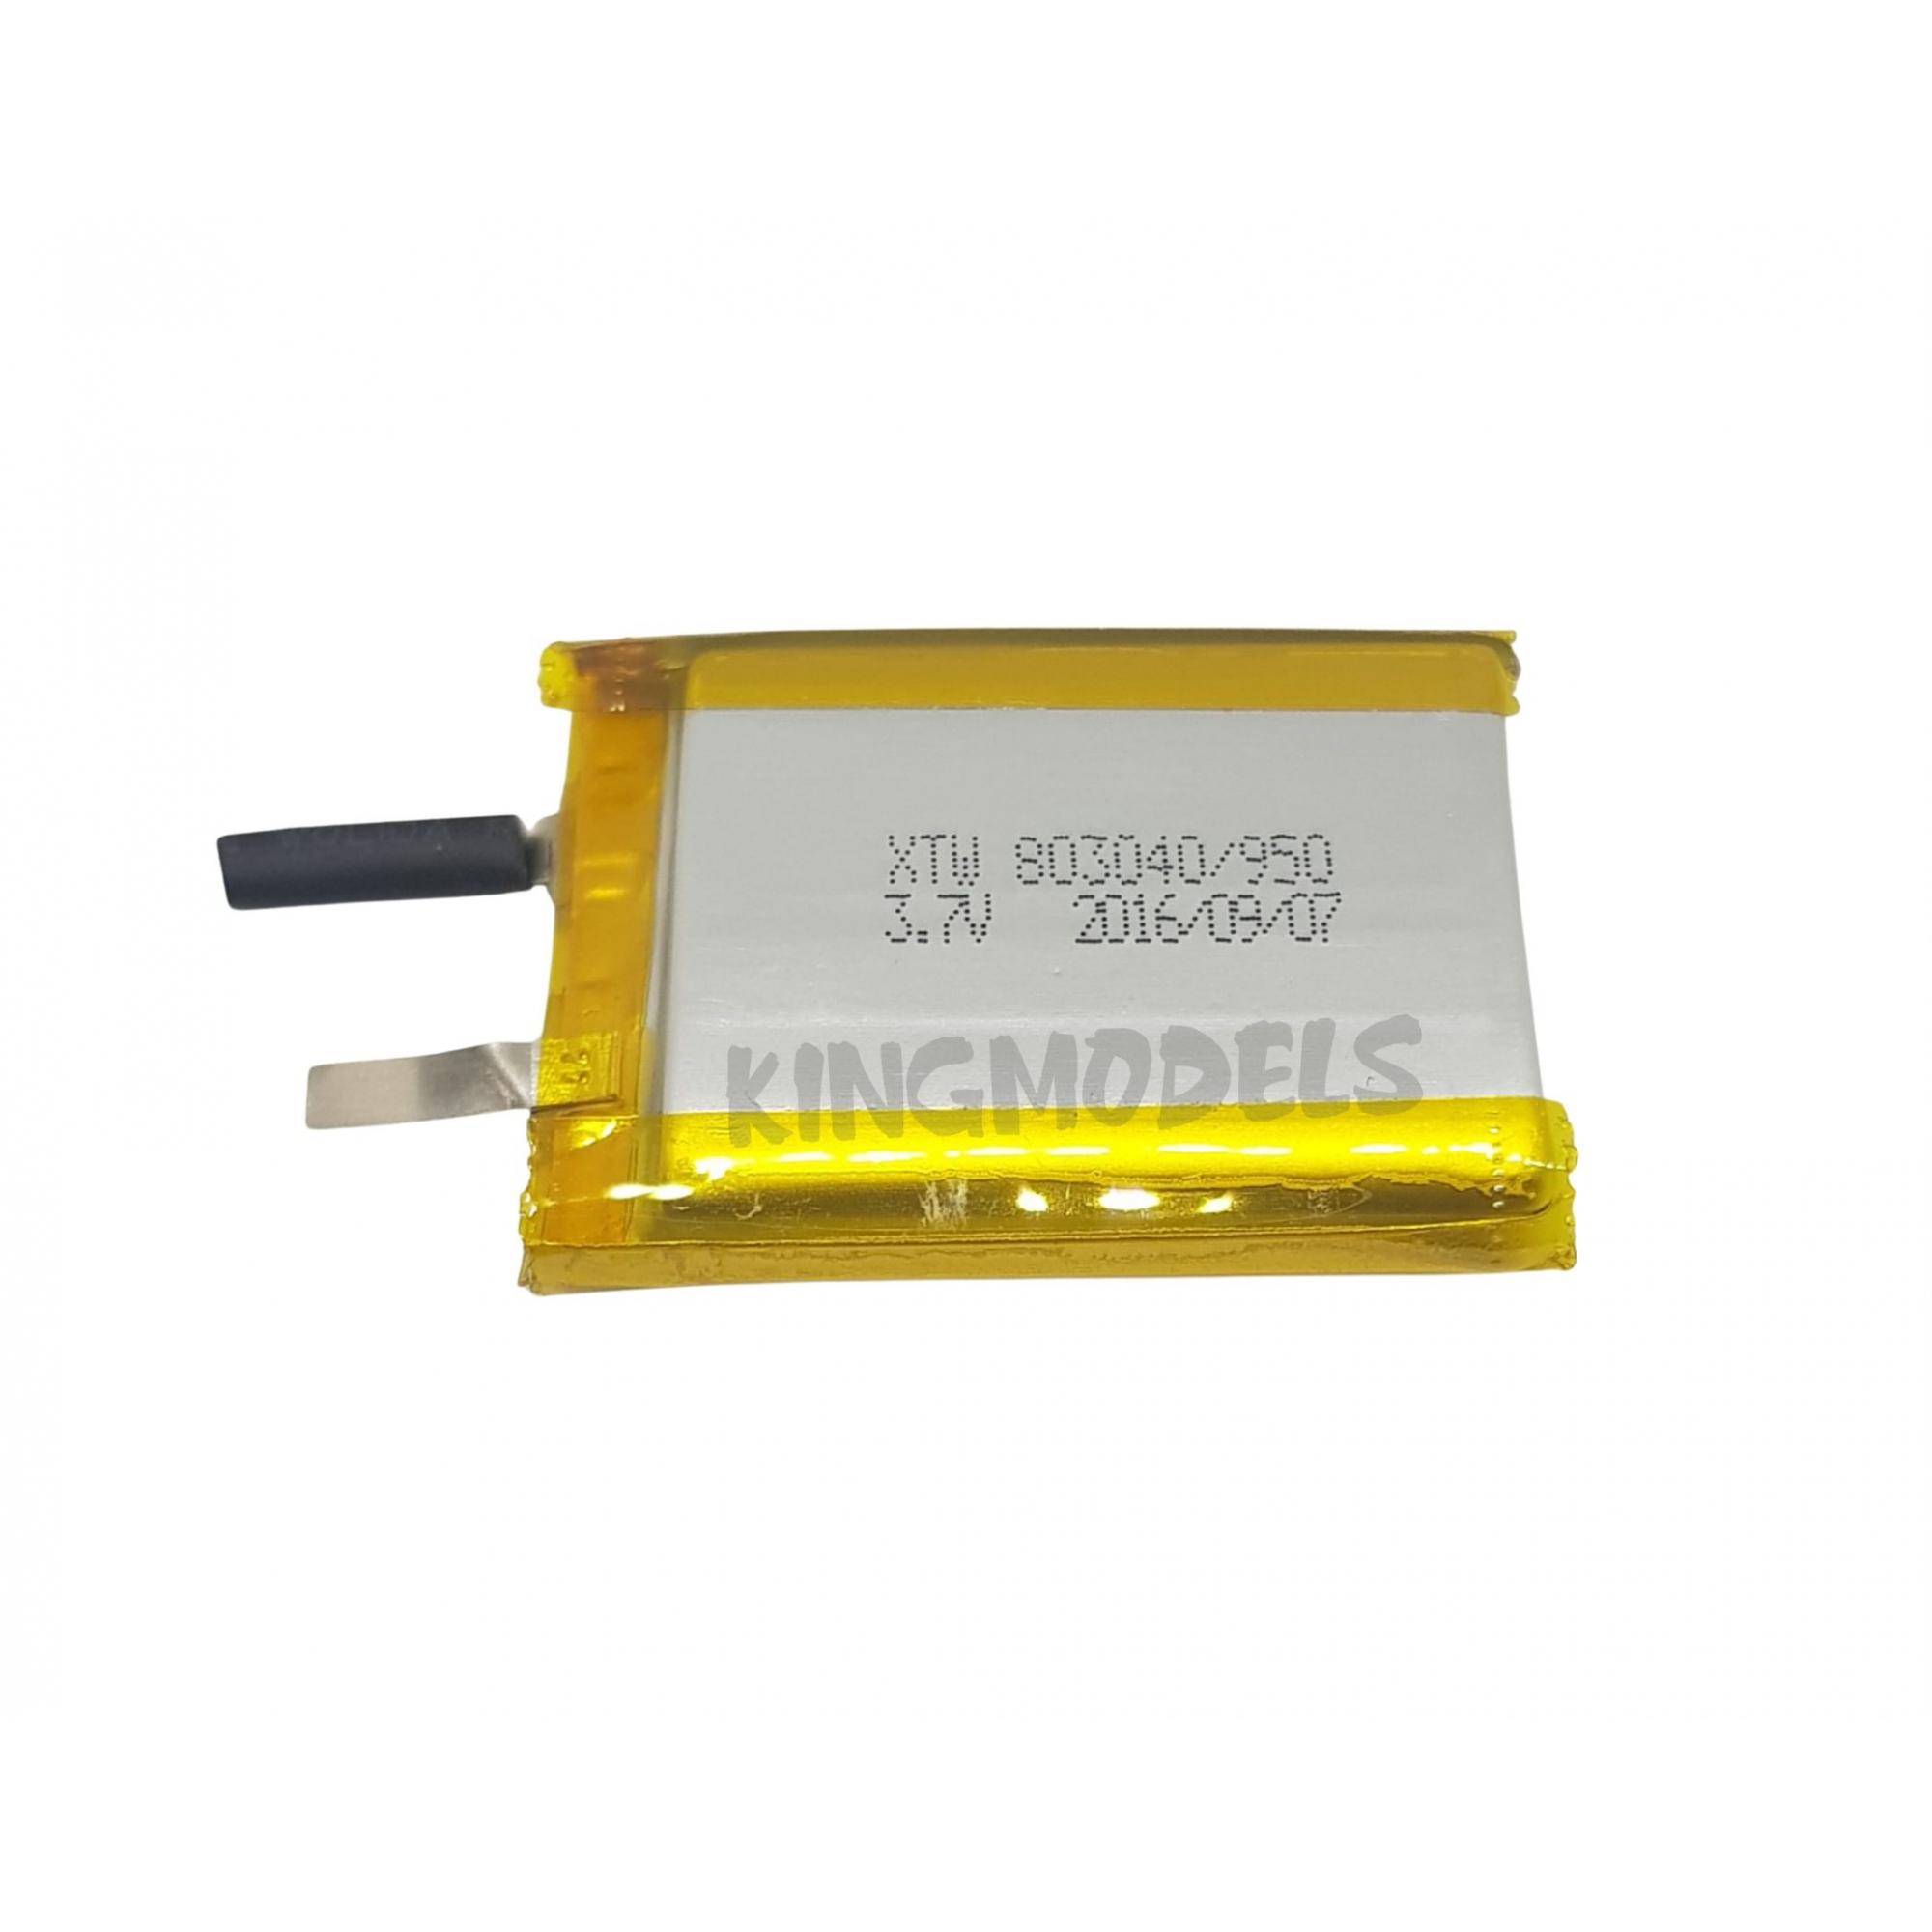 Bateria De Li-po Prismática 1s 3.7v 950mah - Uso Geral S/pcb  - King Models